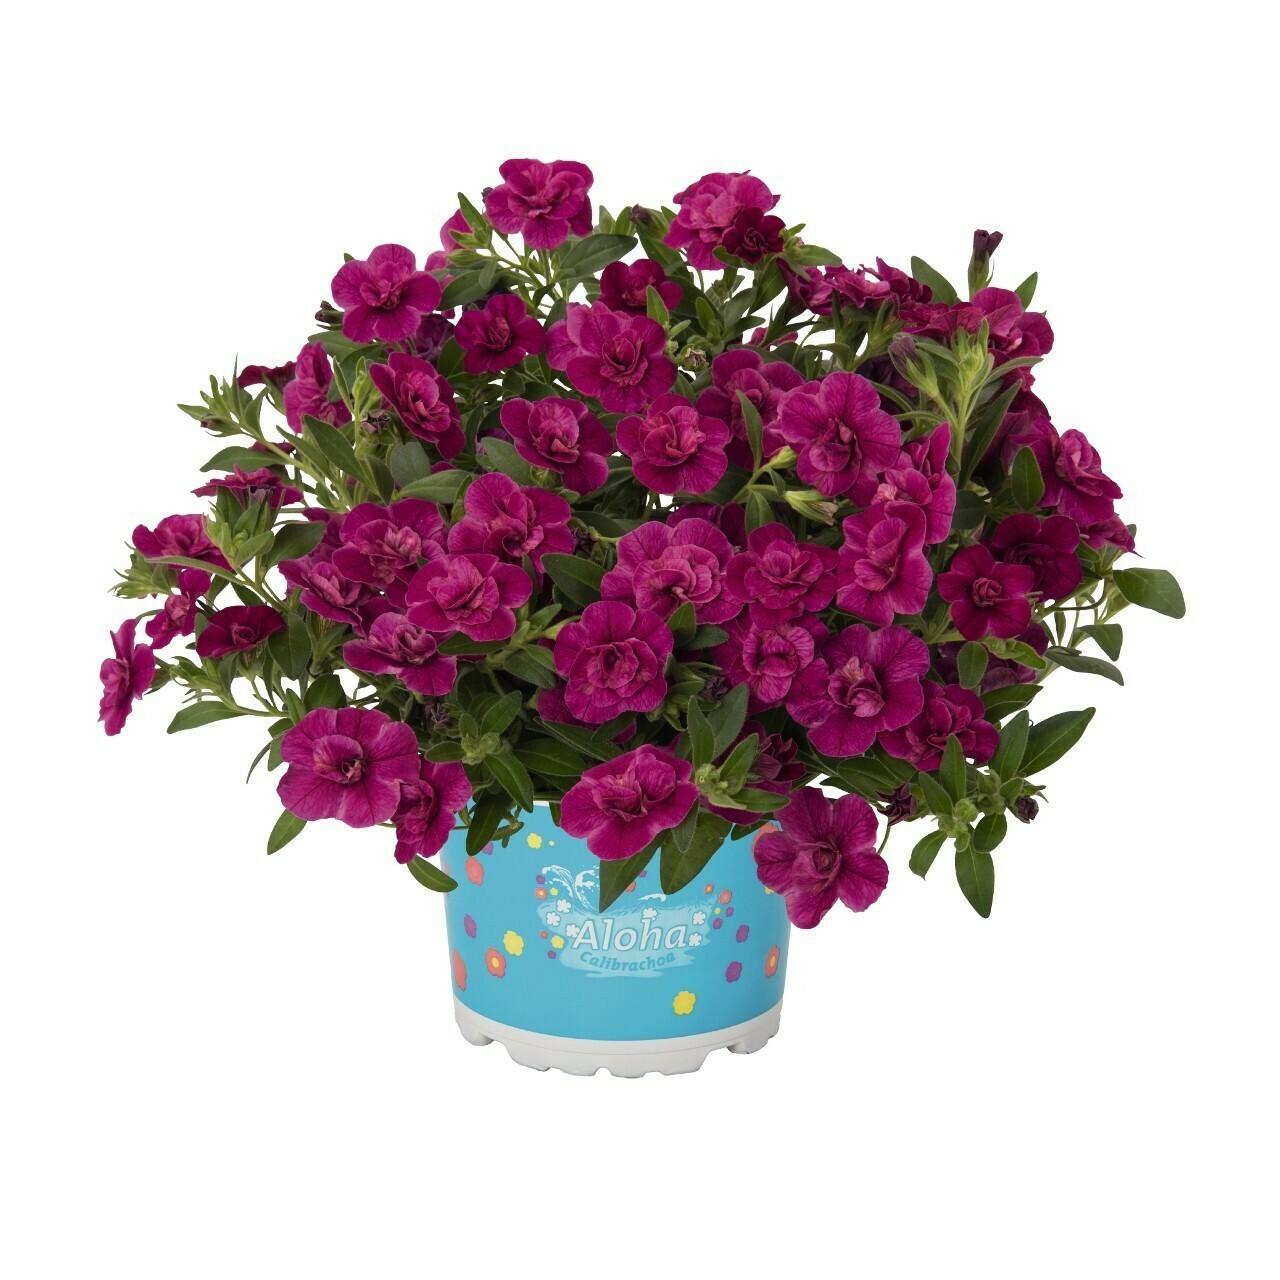 """Калибрахоа """"Aloha double purple"""" контейнер р7"""